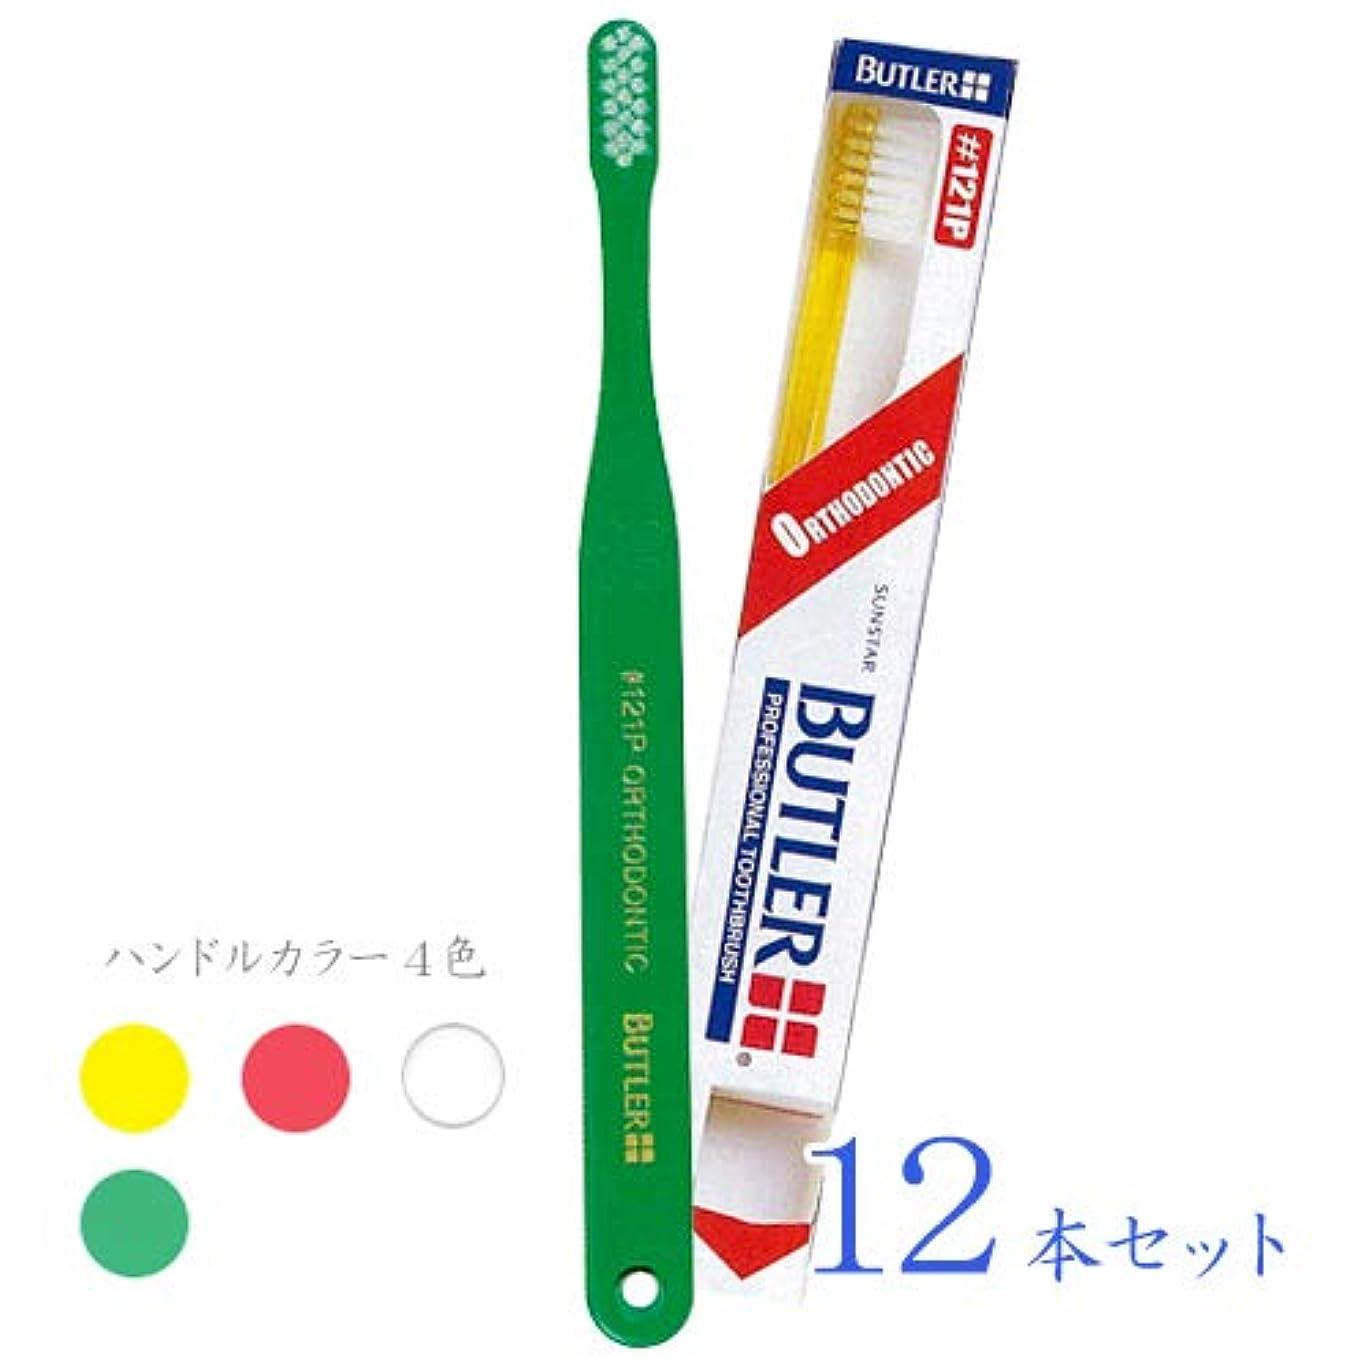 置き場確実スリッパバトラー 歯ブラシ #121P 12本入